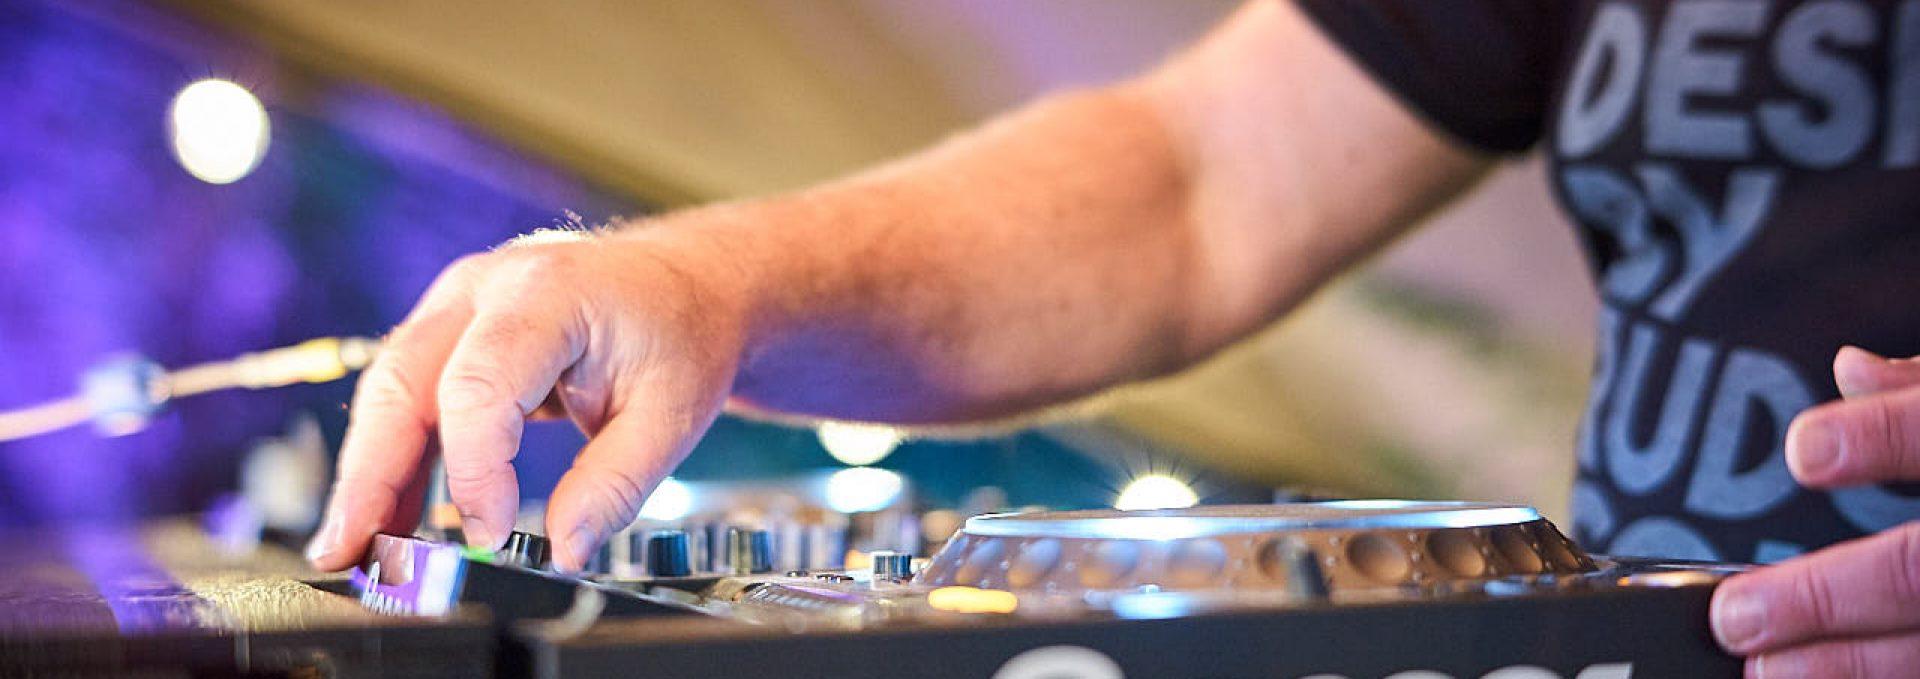 DJ Seryljo